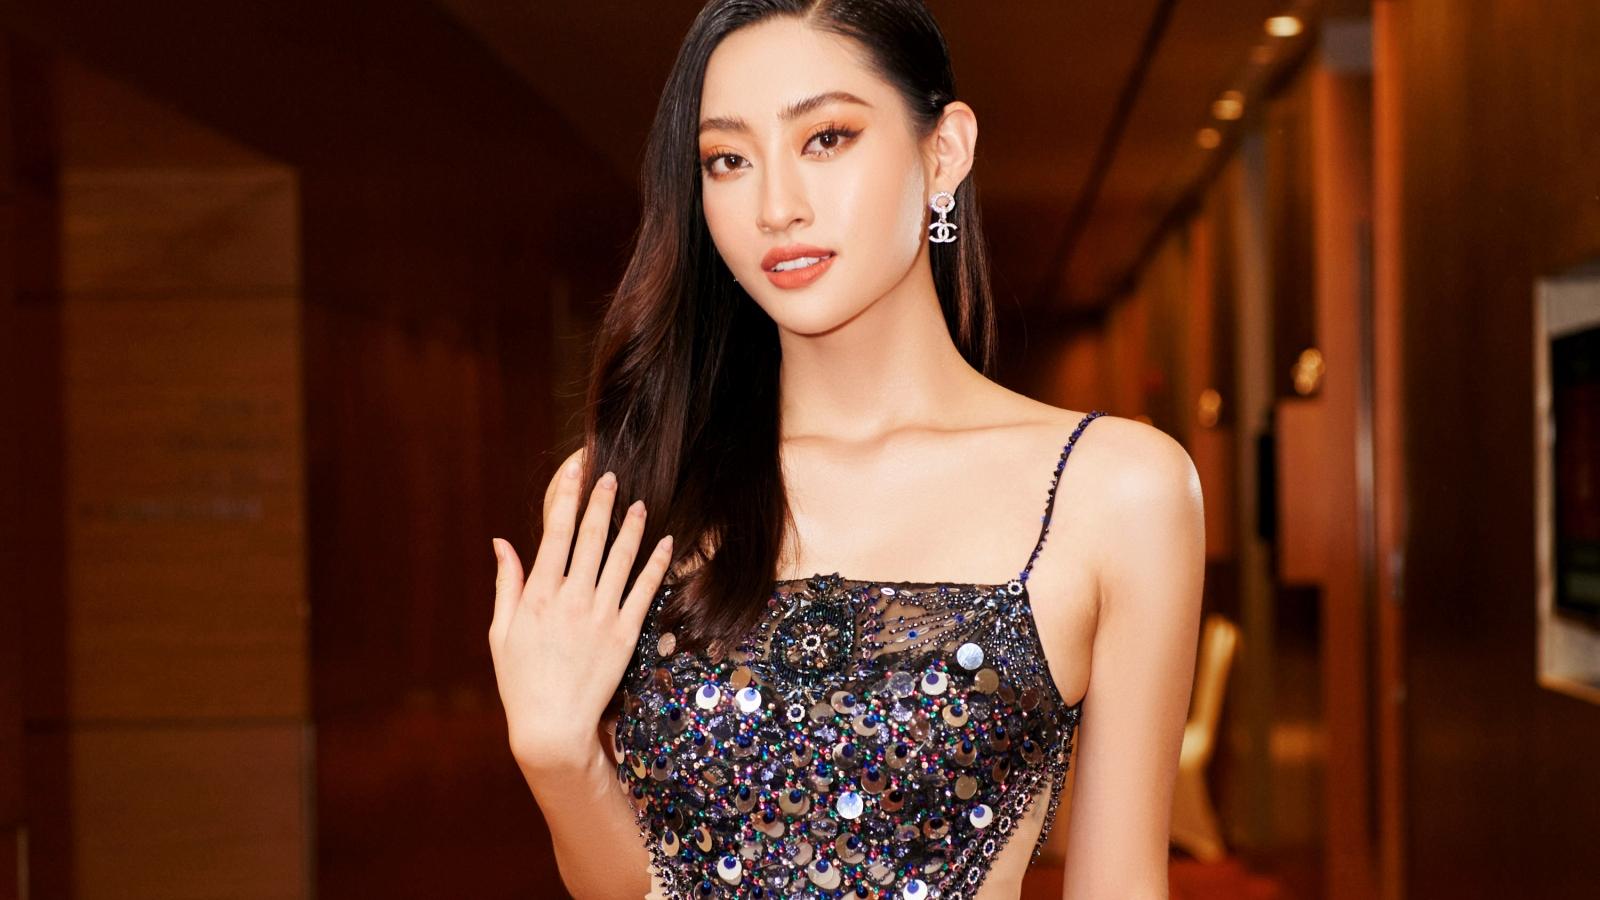 Lương Thùy Linh làm MC hội ngộ Hoa hậu Đỗ Hà, Á hậu Ngọc Thảo trong sự kiện cuối năm